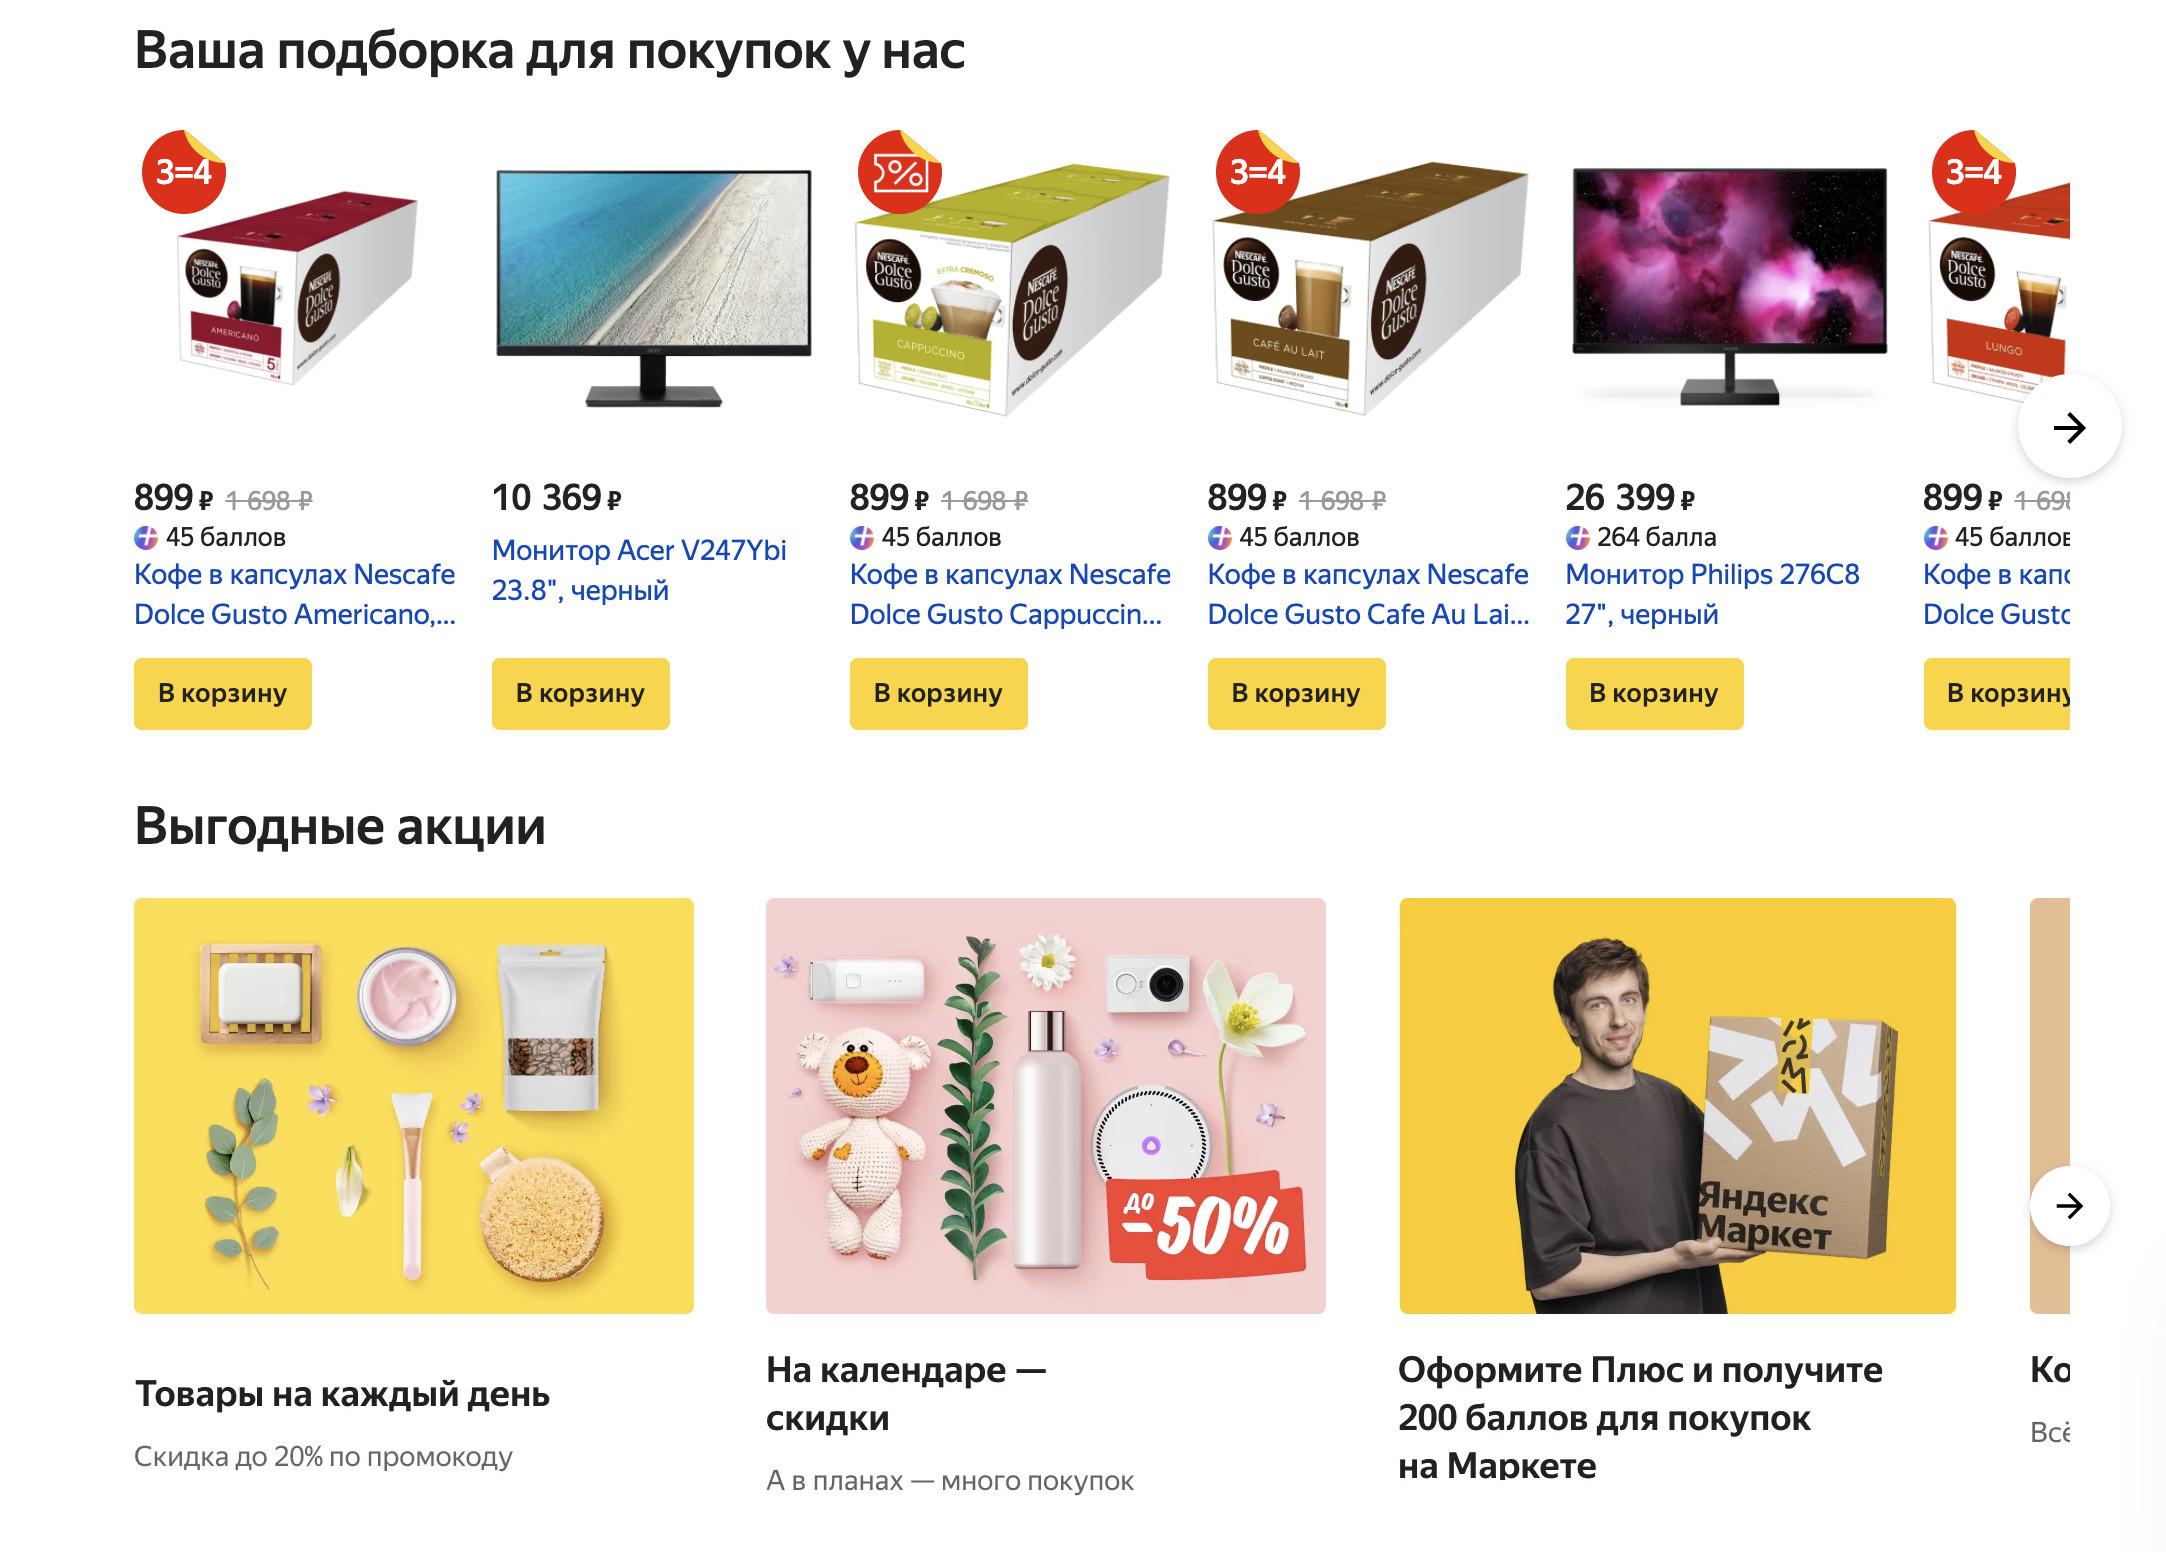 Доставка из Яндекс.Маркет в Мелеуз, сроки, пункты выдачи, каталог